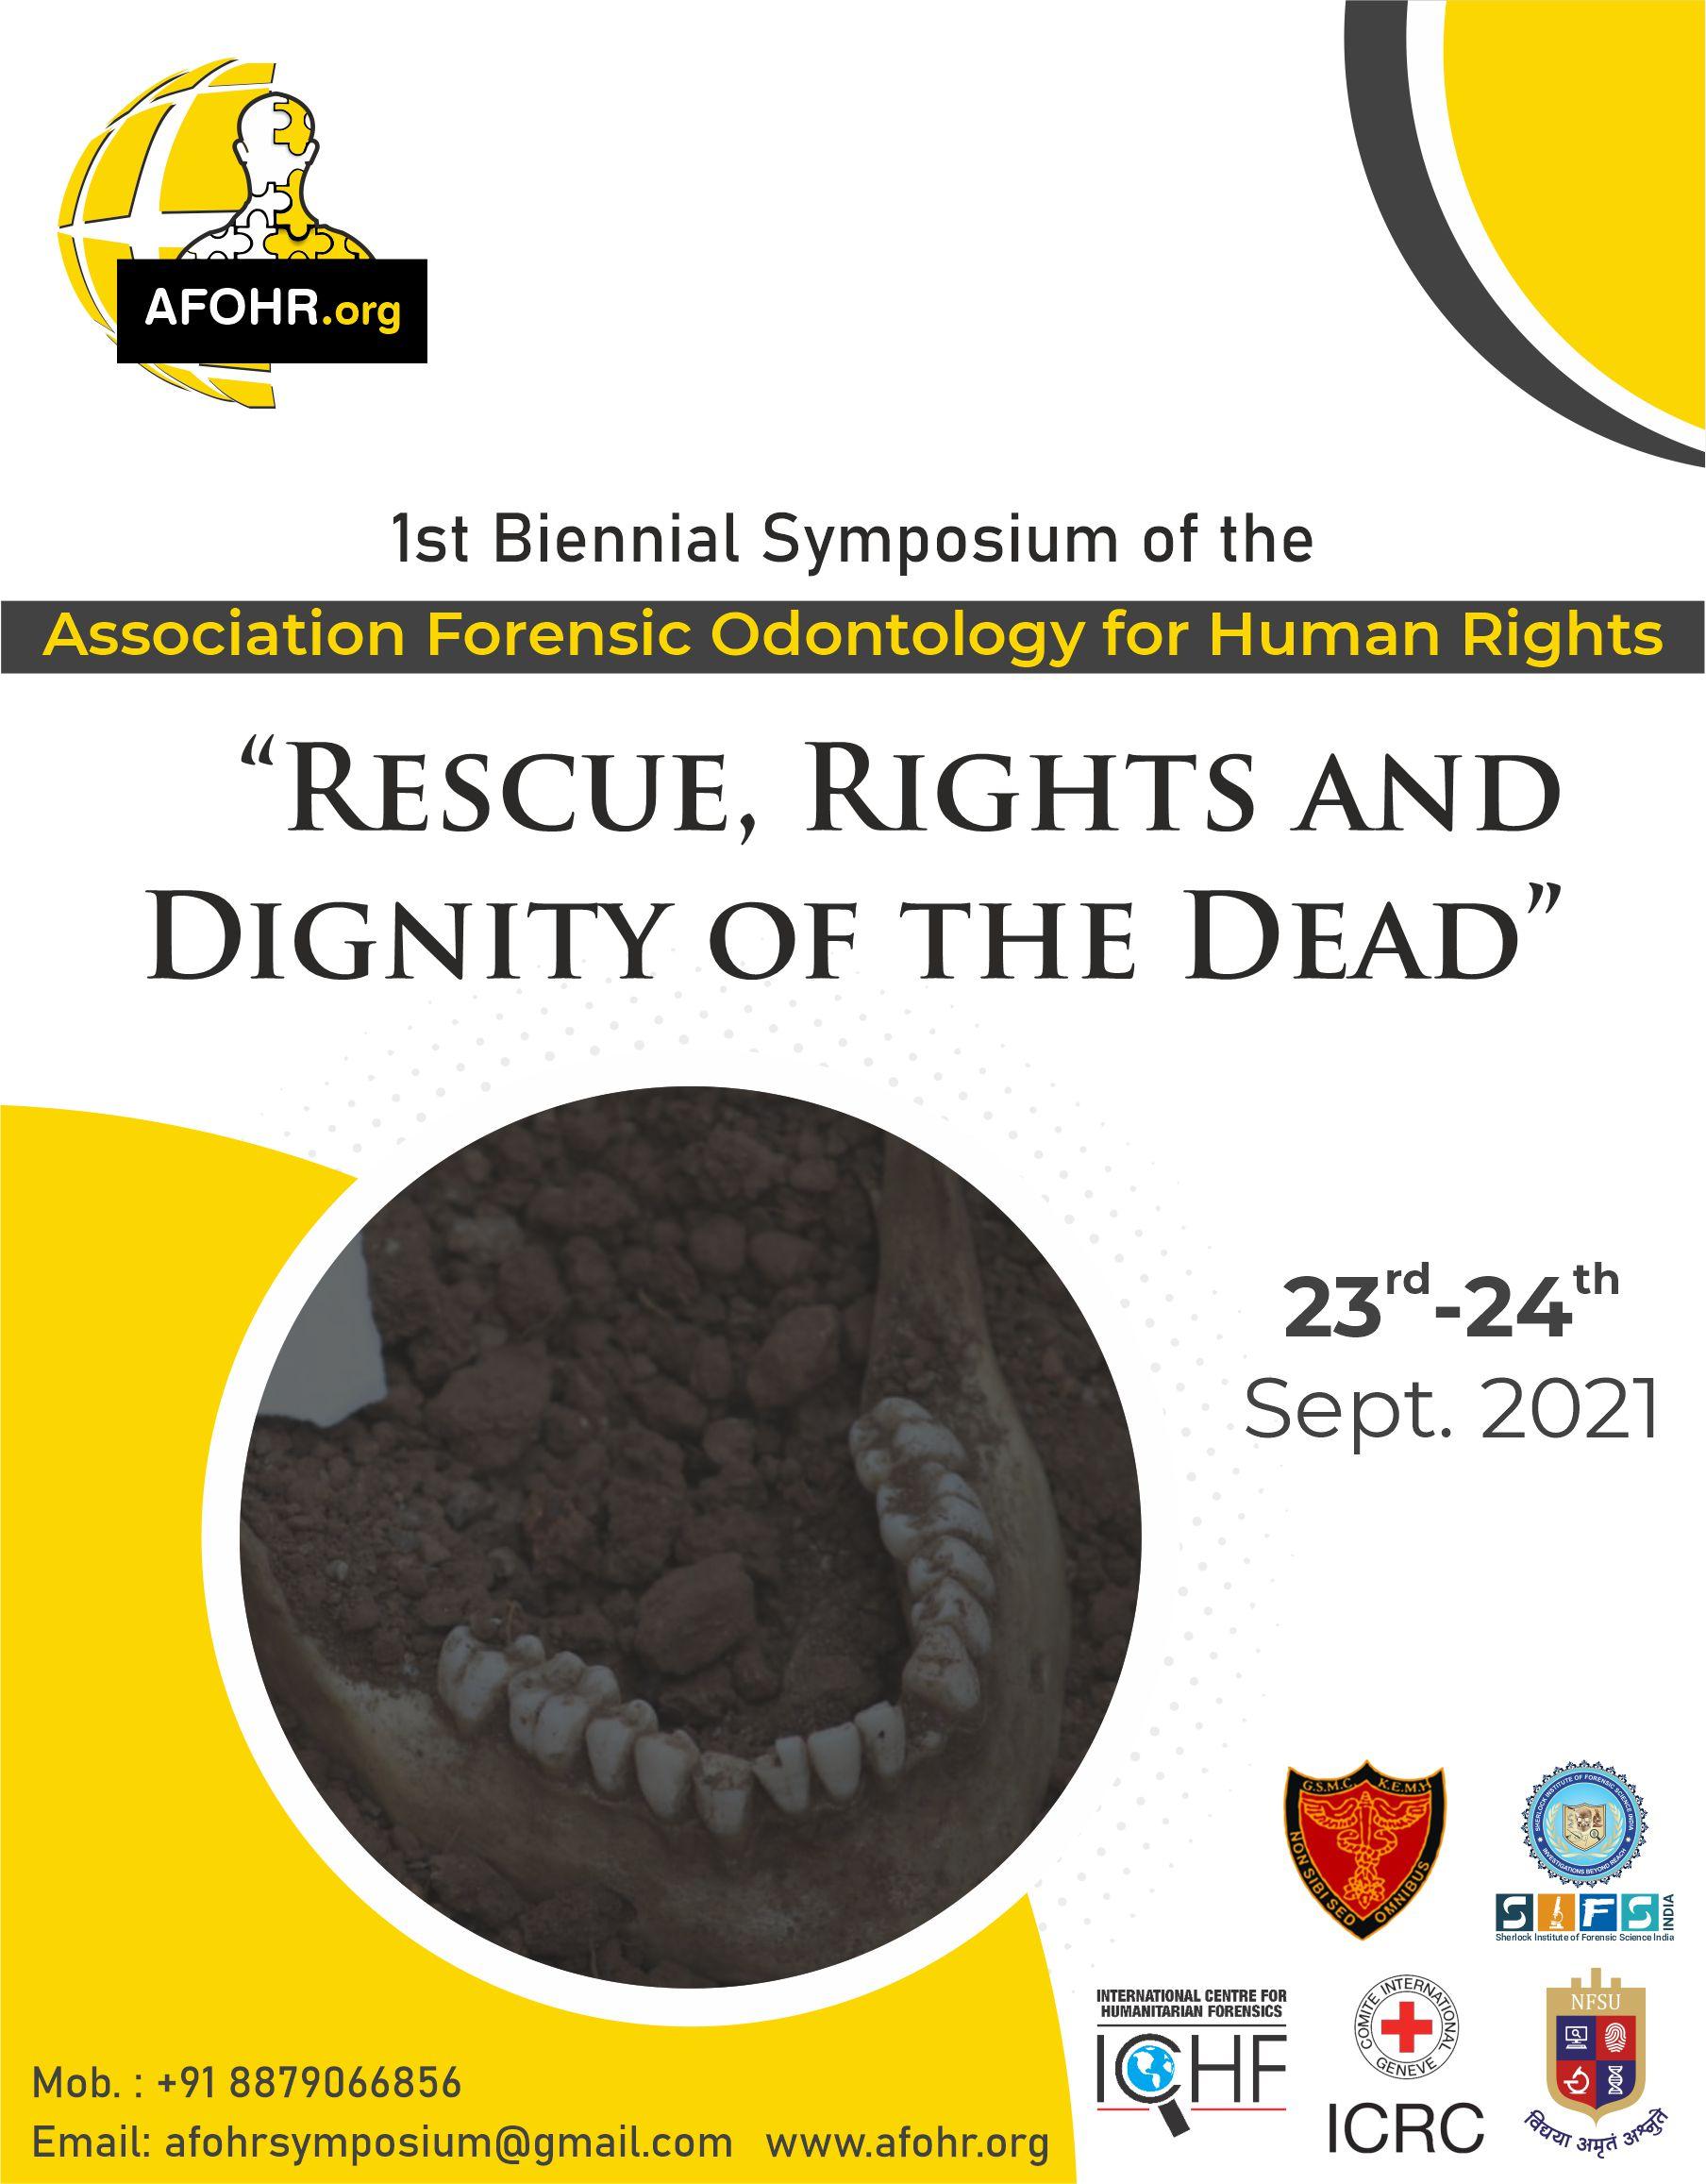 1st Biennial Symposium of AFOHR